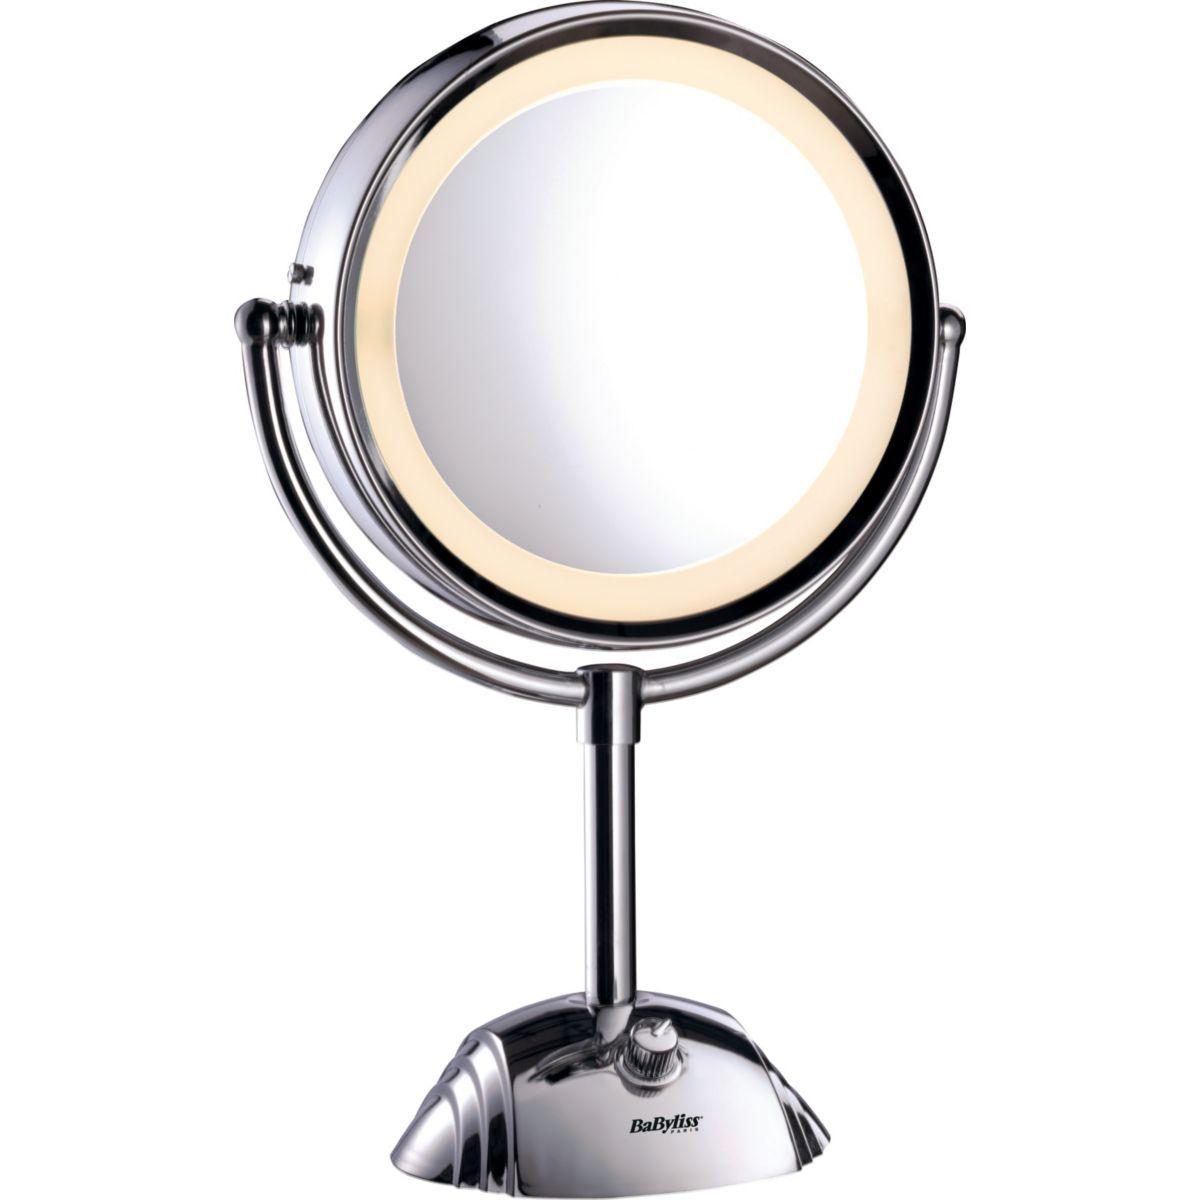 miroir lumineux halo circulaire pour un clairage parfait du visage et du cou miroir. Black Bedroom Furniture Sets. Home Design Ideas